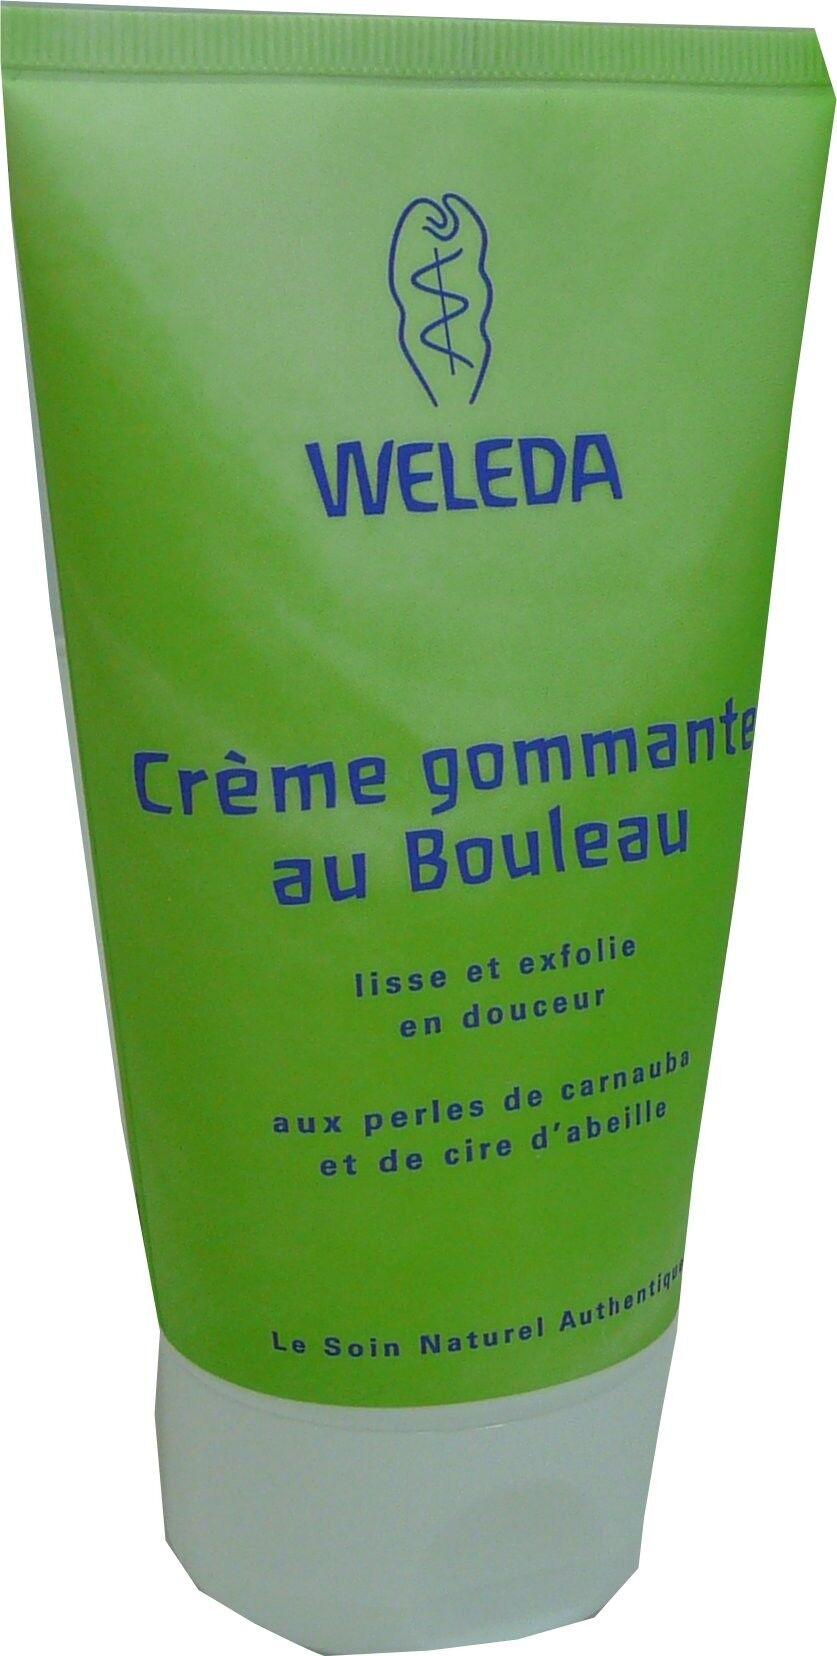 Weleda creme gommante au bouleau 150ml